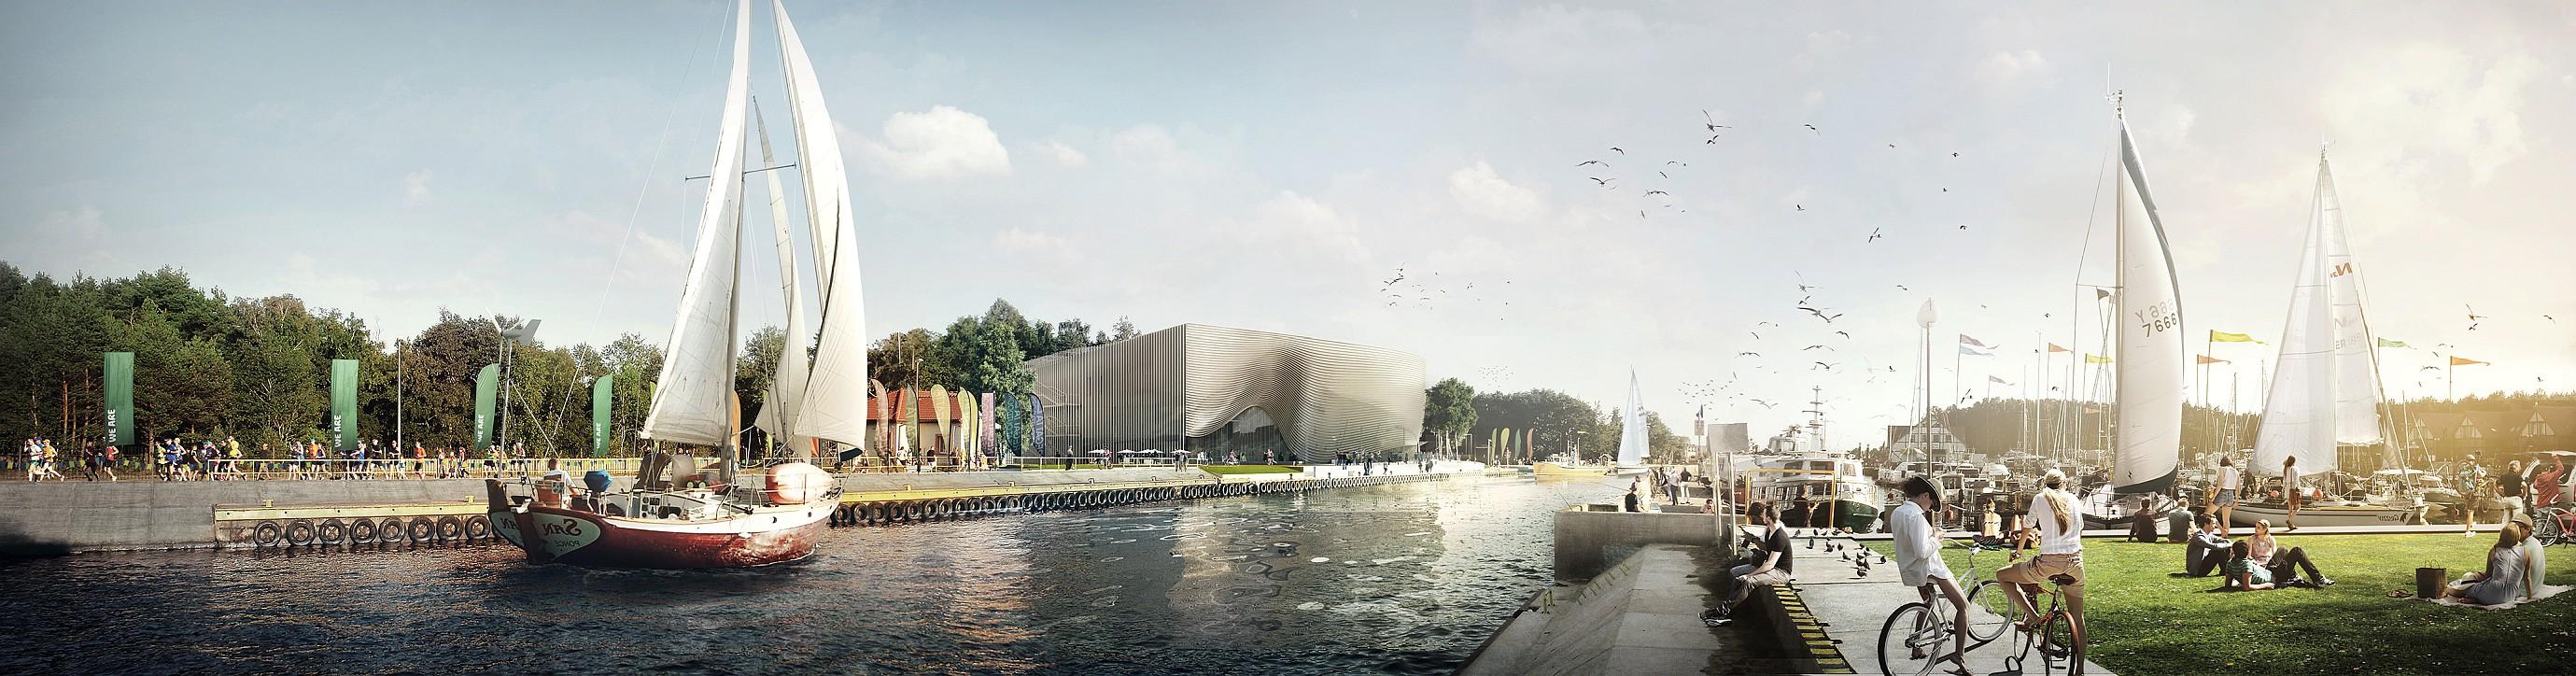 Projekt Muzeum Archeologii Podwodnej i Rybołówstwa Bałtyckiego w Łebie. Przestrzeń rekreacyjna. Autor plus3architekci